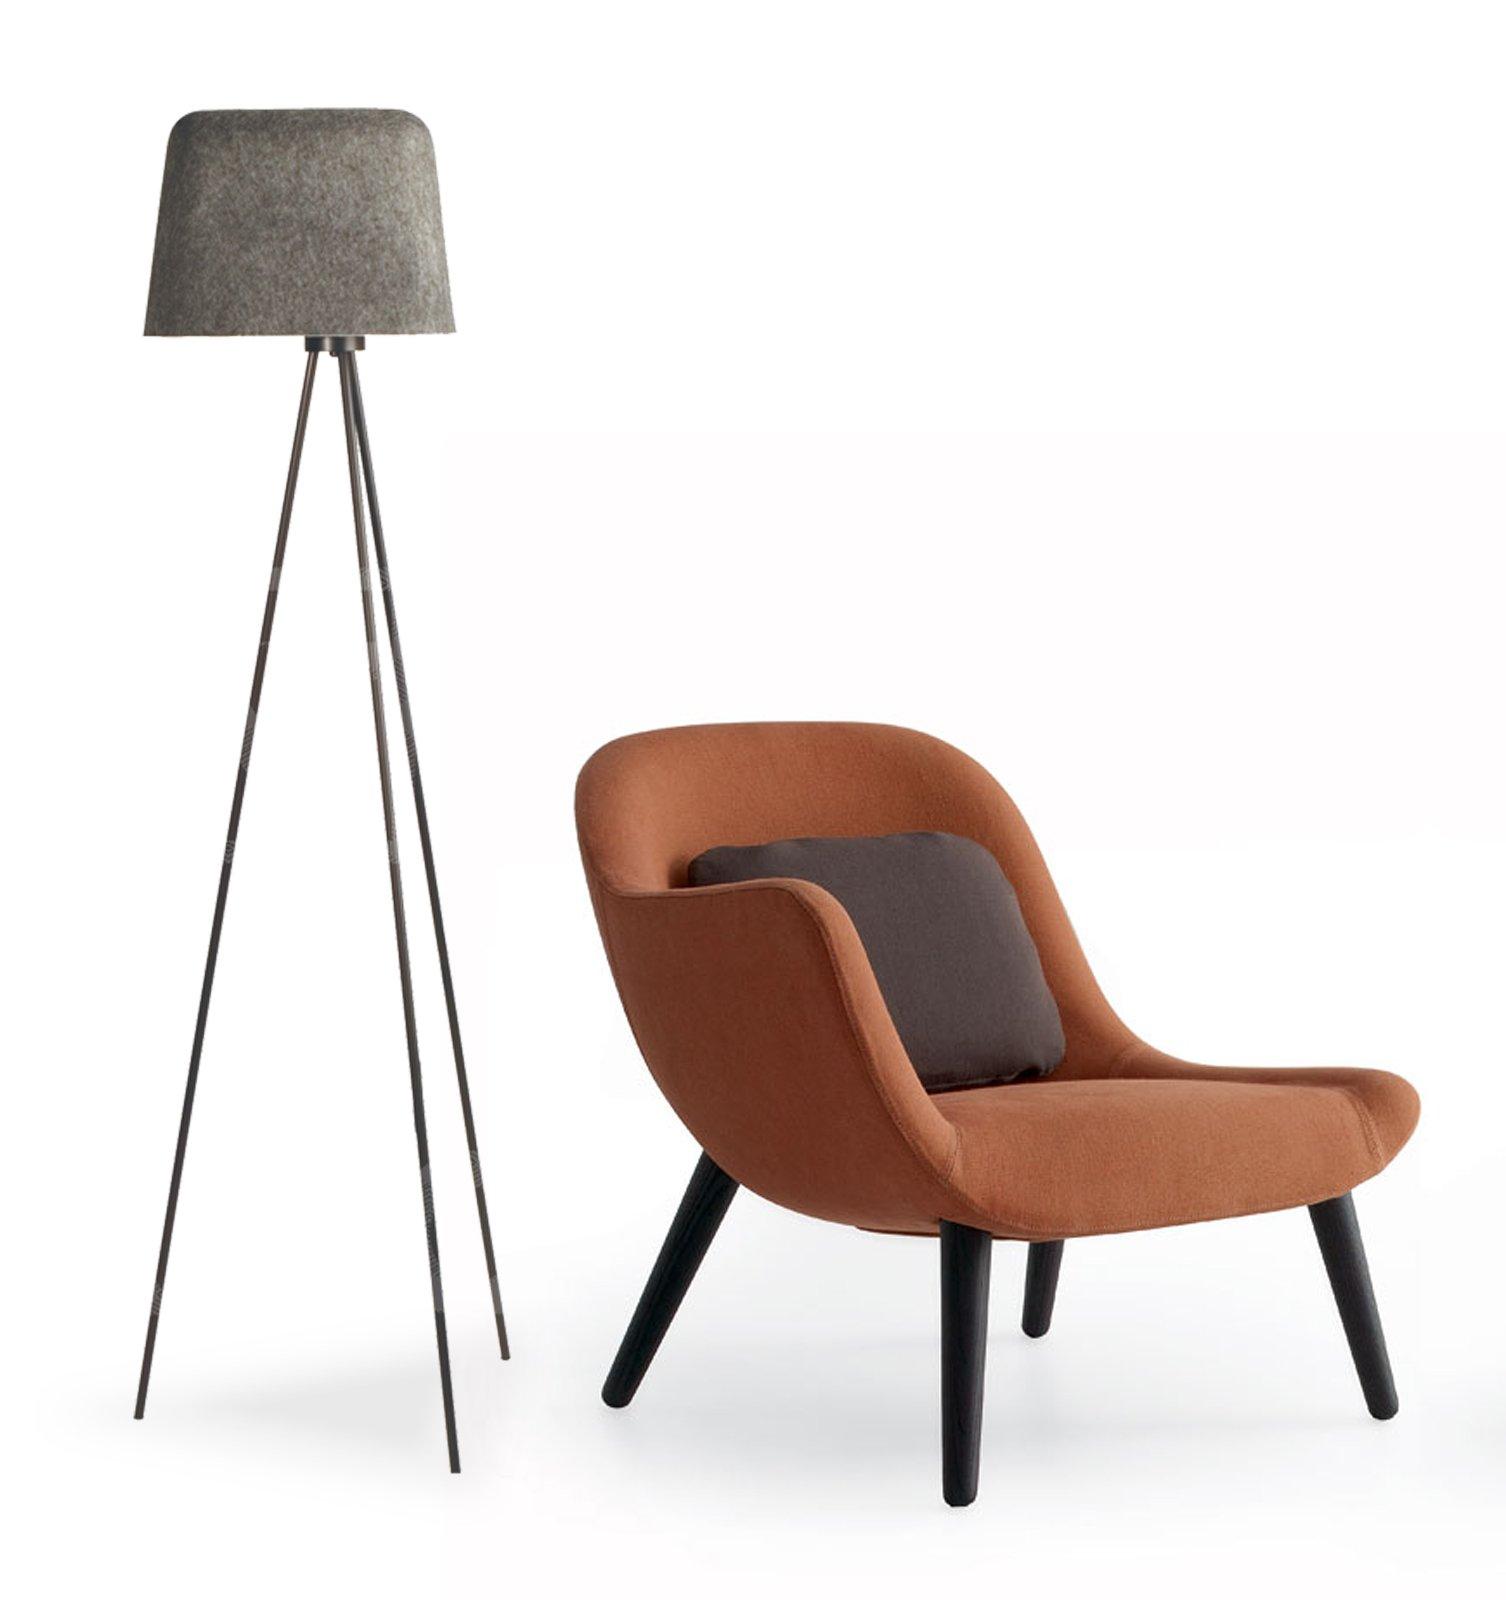 Ikea lampadari in tessuto la collezione di disegni di lampade che presentiamo - Catalogo ikea lampadari ...